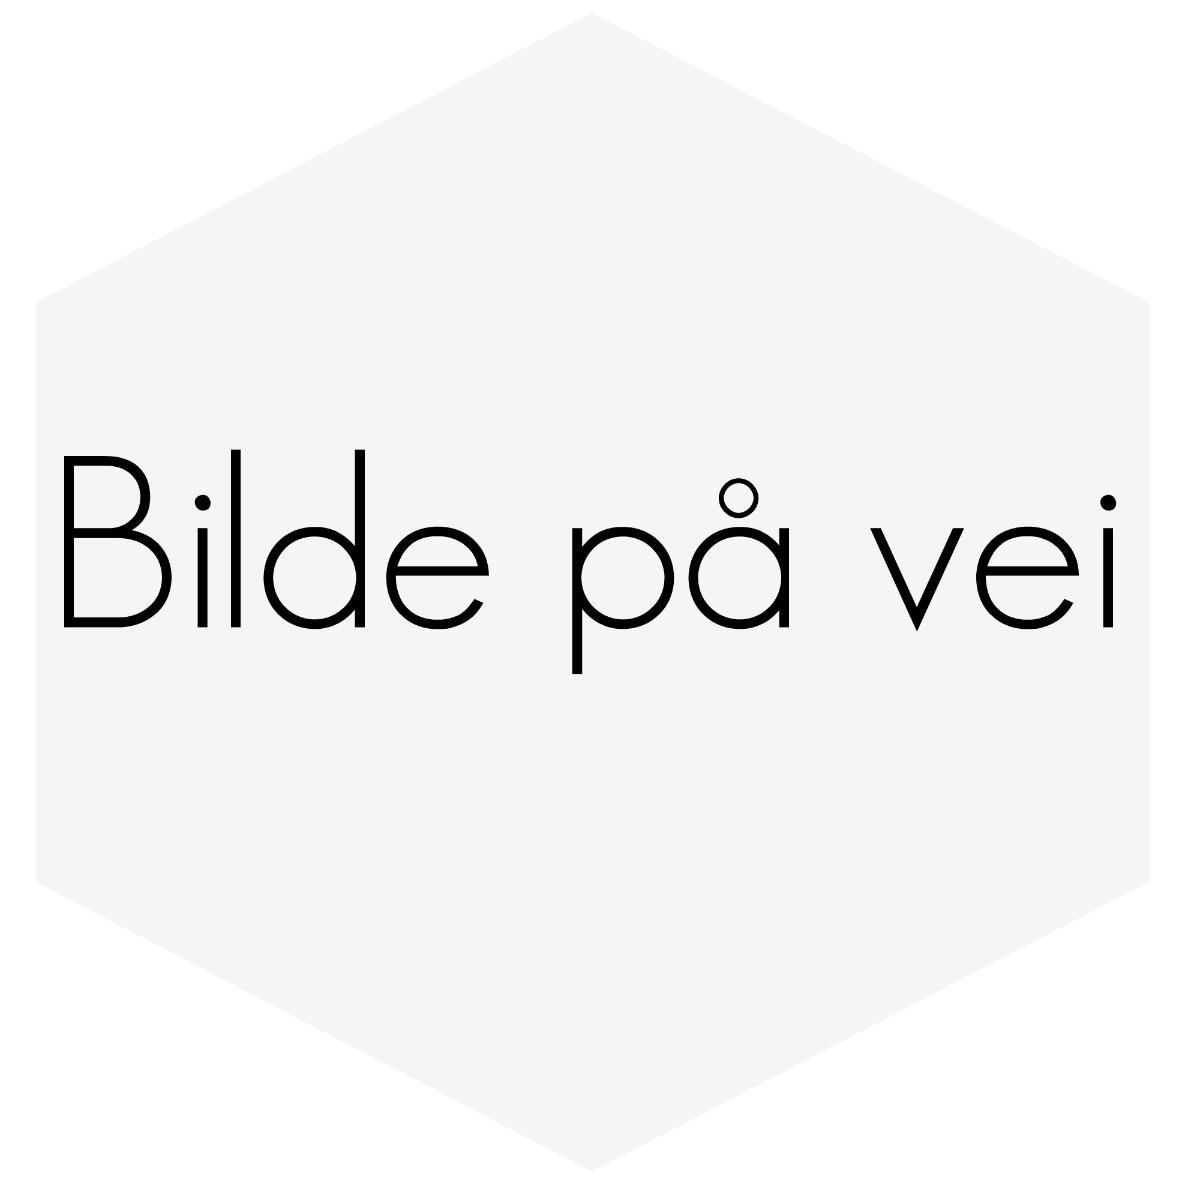 ALUMINIUMREDUSERINGS RØR 2,5-3'' (63-76MM)